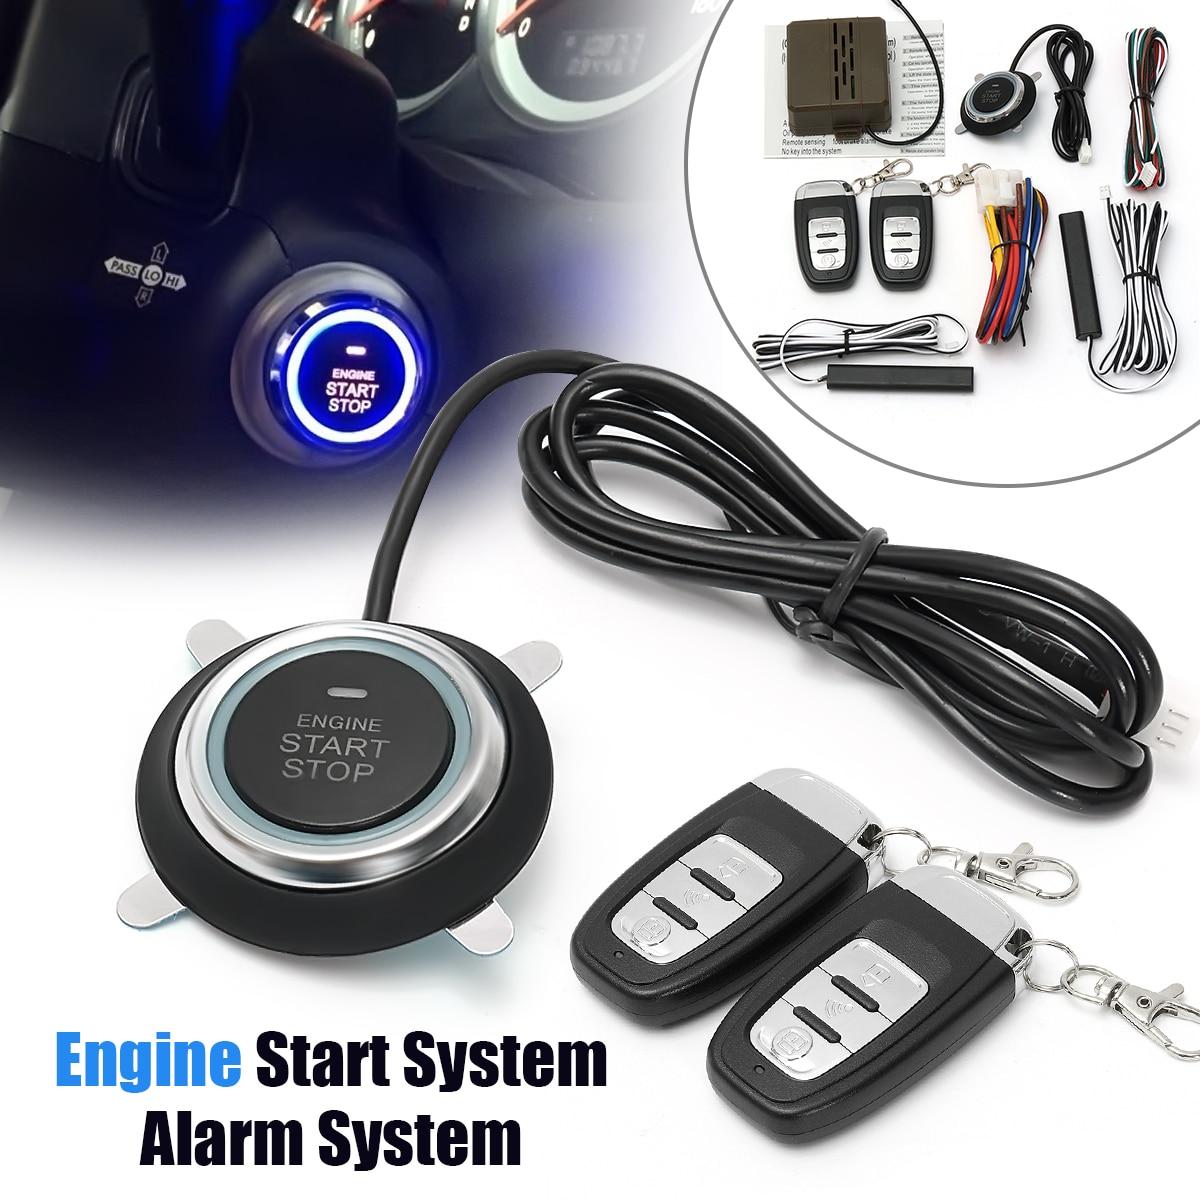 Système d'arrêt de démarrage par bouton-poussoir de voiture multi fonction Smart E modèles télécommande alarme de voiture démarrage sans clé système d'entrée accessoires